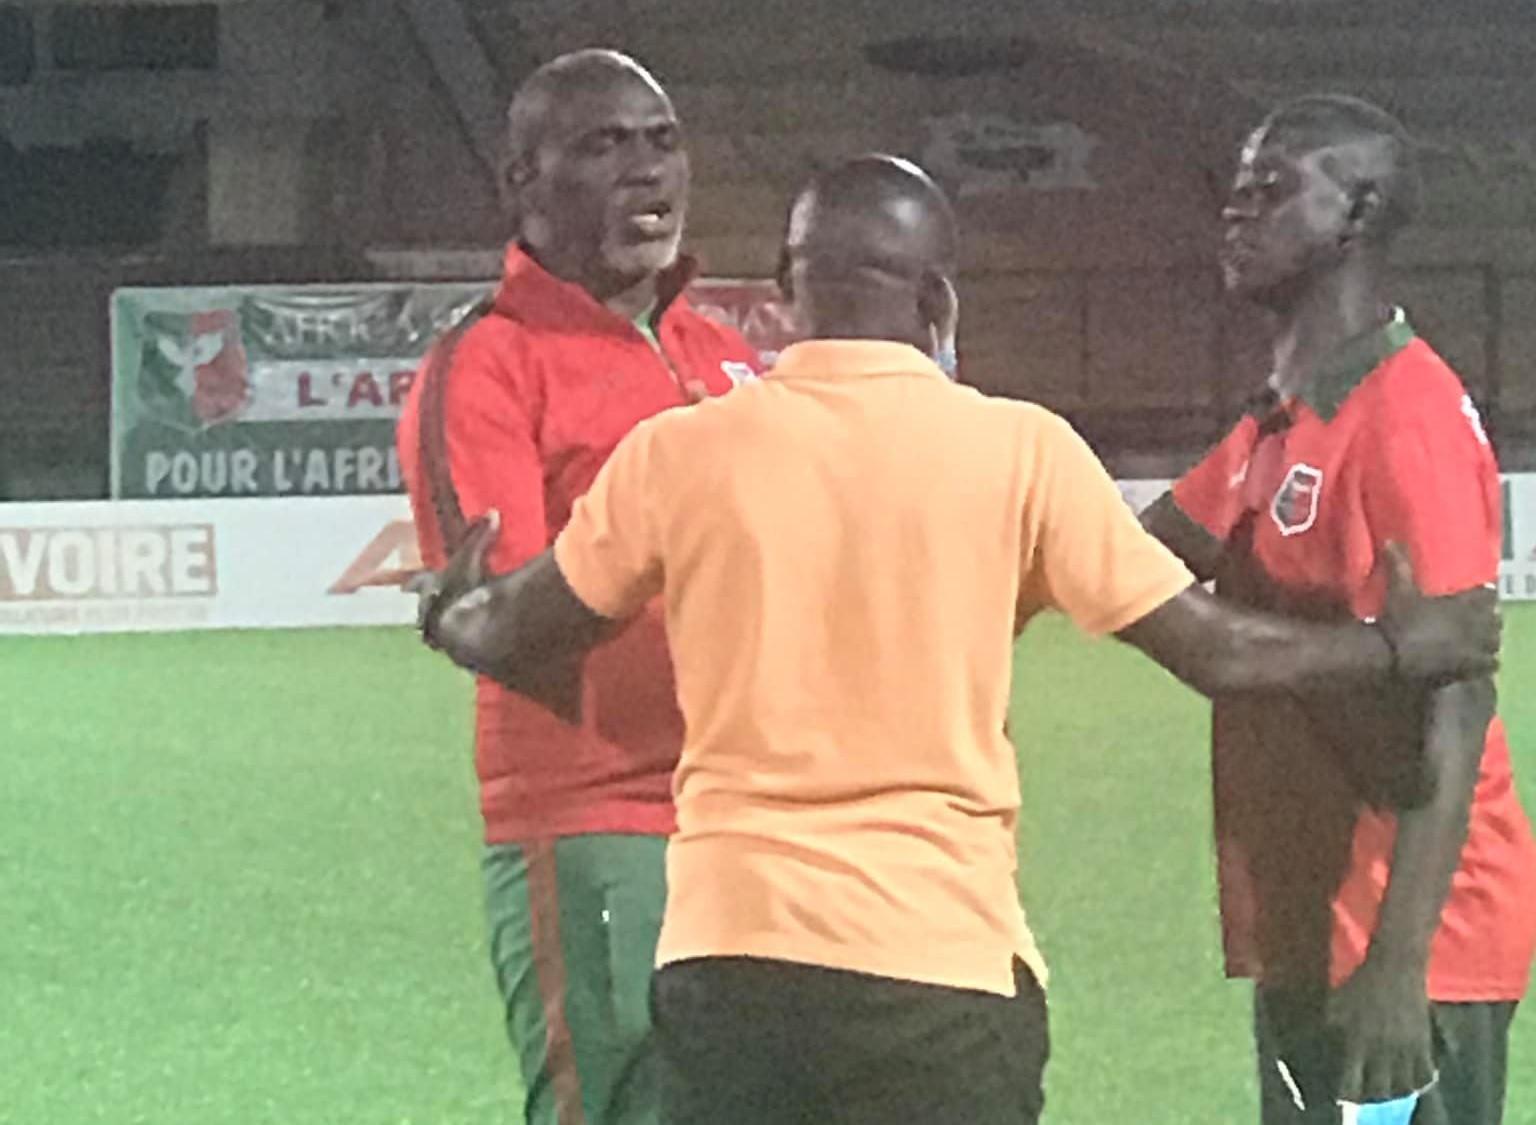 ligue-1-triste-realite-a-lafrica-sports-la-misere-des-entraineurs